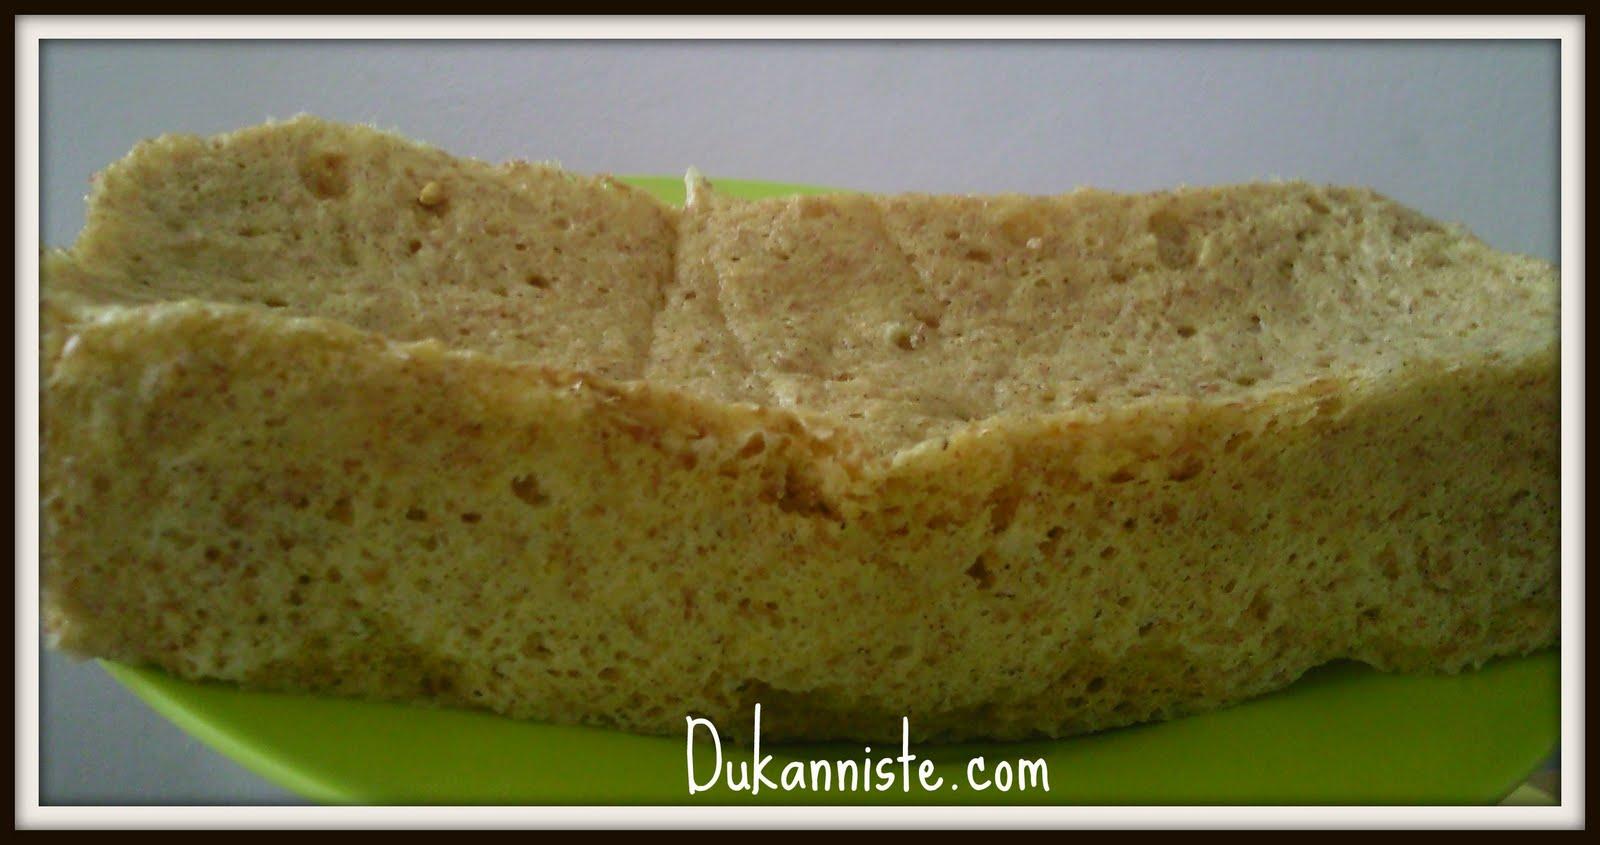 Les 100 aliments autorisés du Régime Dukan  Recettes et forum Dukan pour le